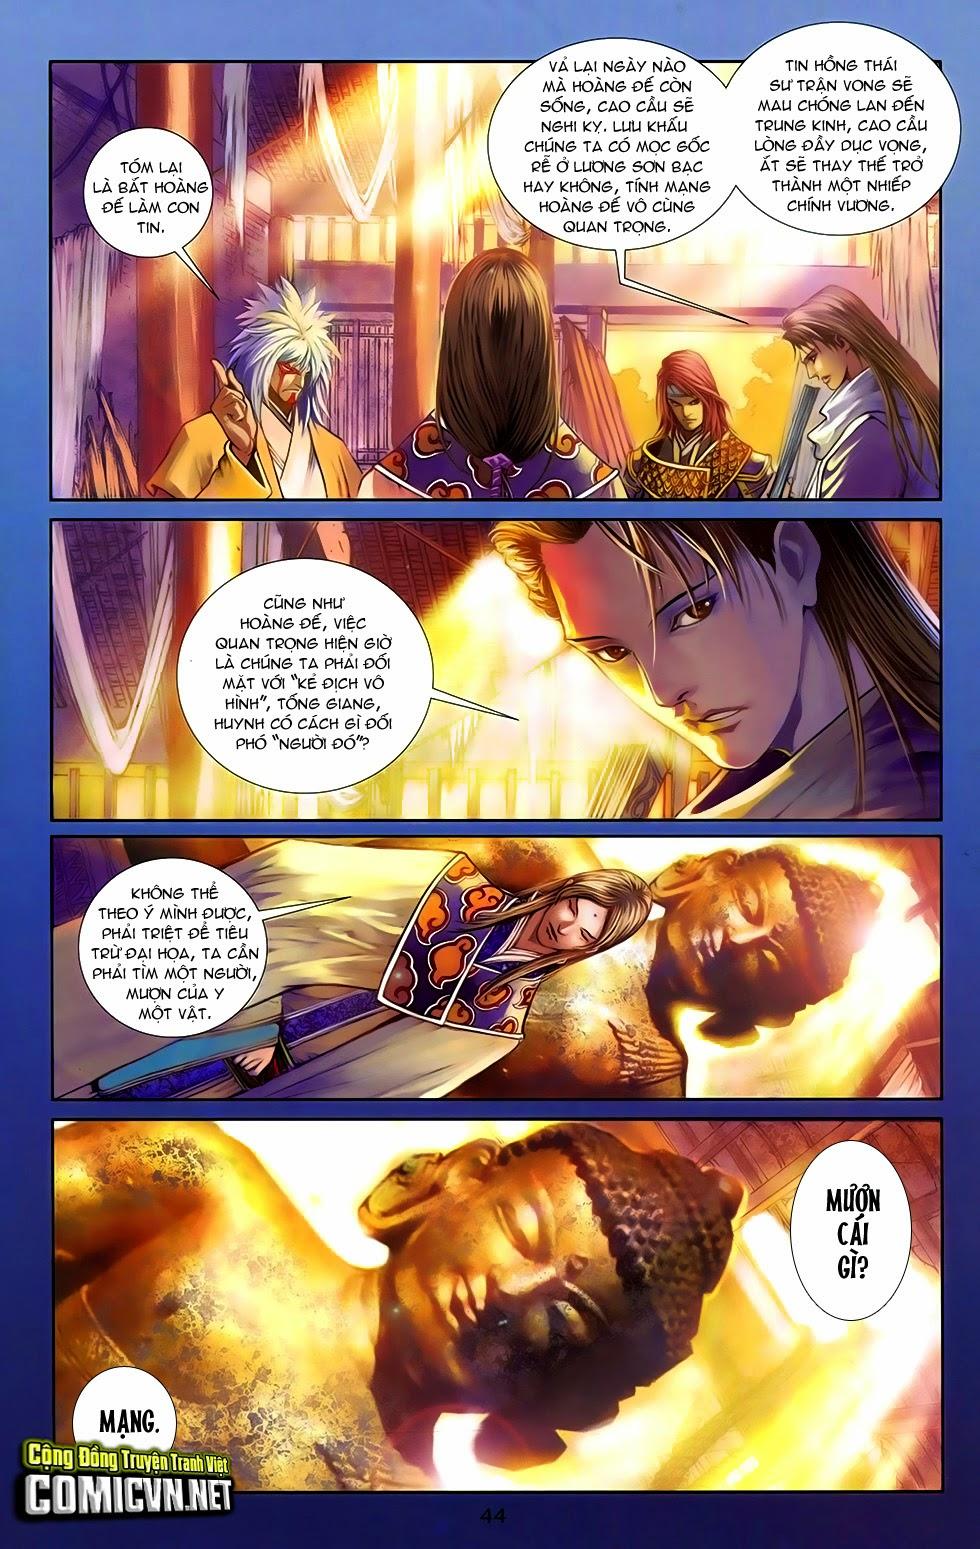 xem truyen moi - 108 - Tân Thuỷ Hử - Chapter 14b: Lương Sơn tụ nghĩa